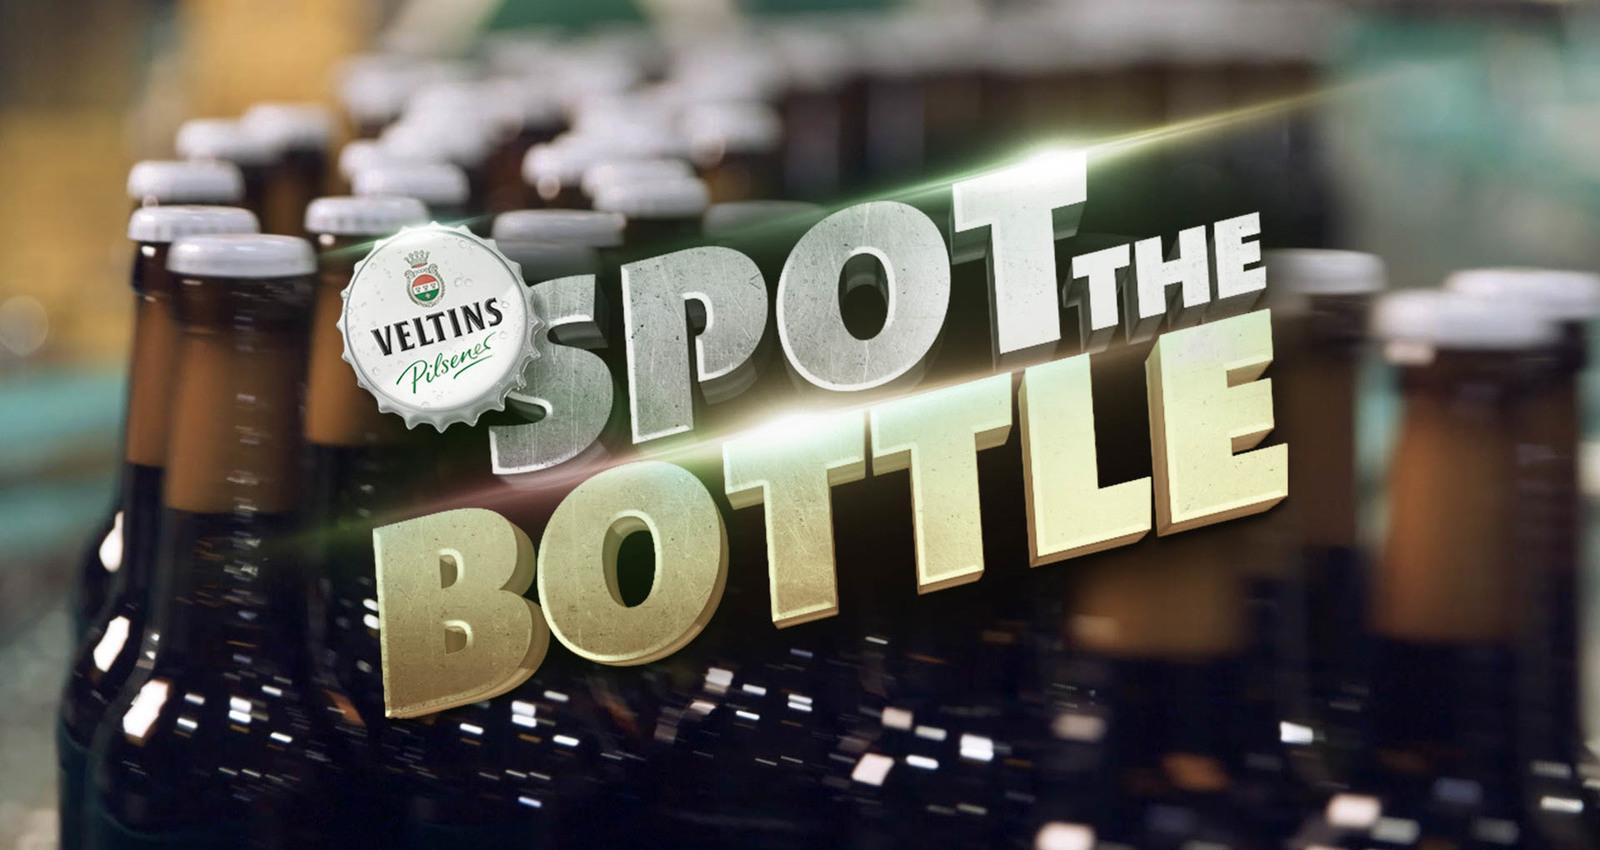 Spot The Bottle